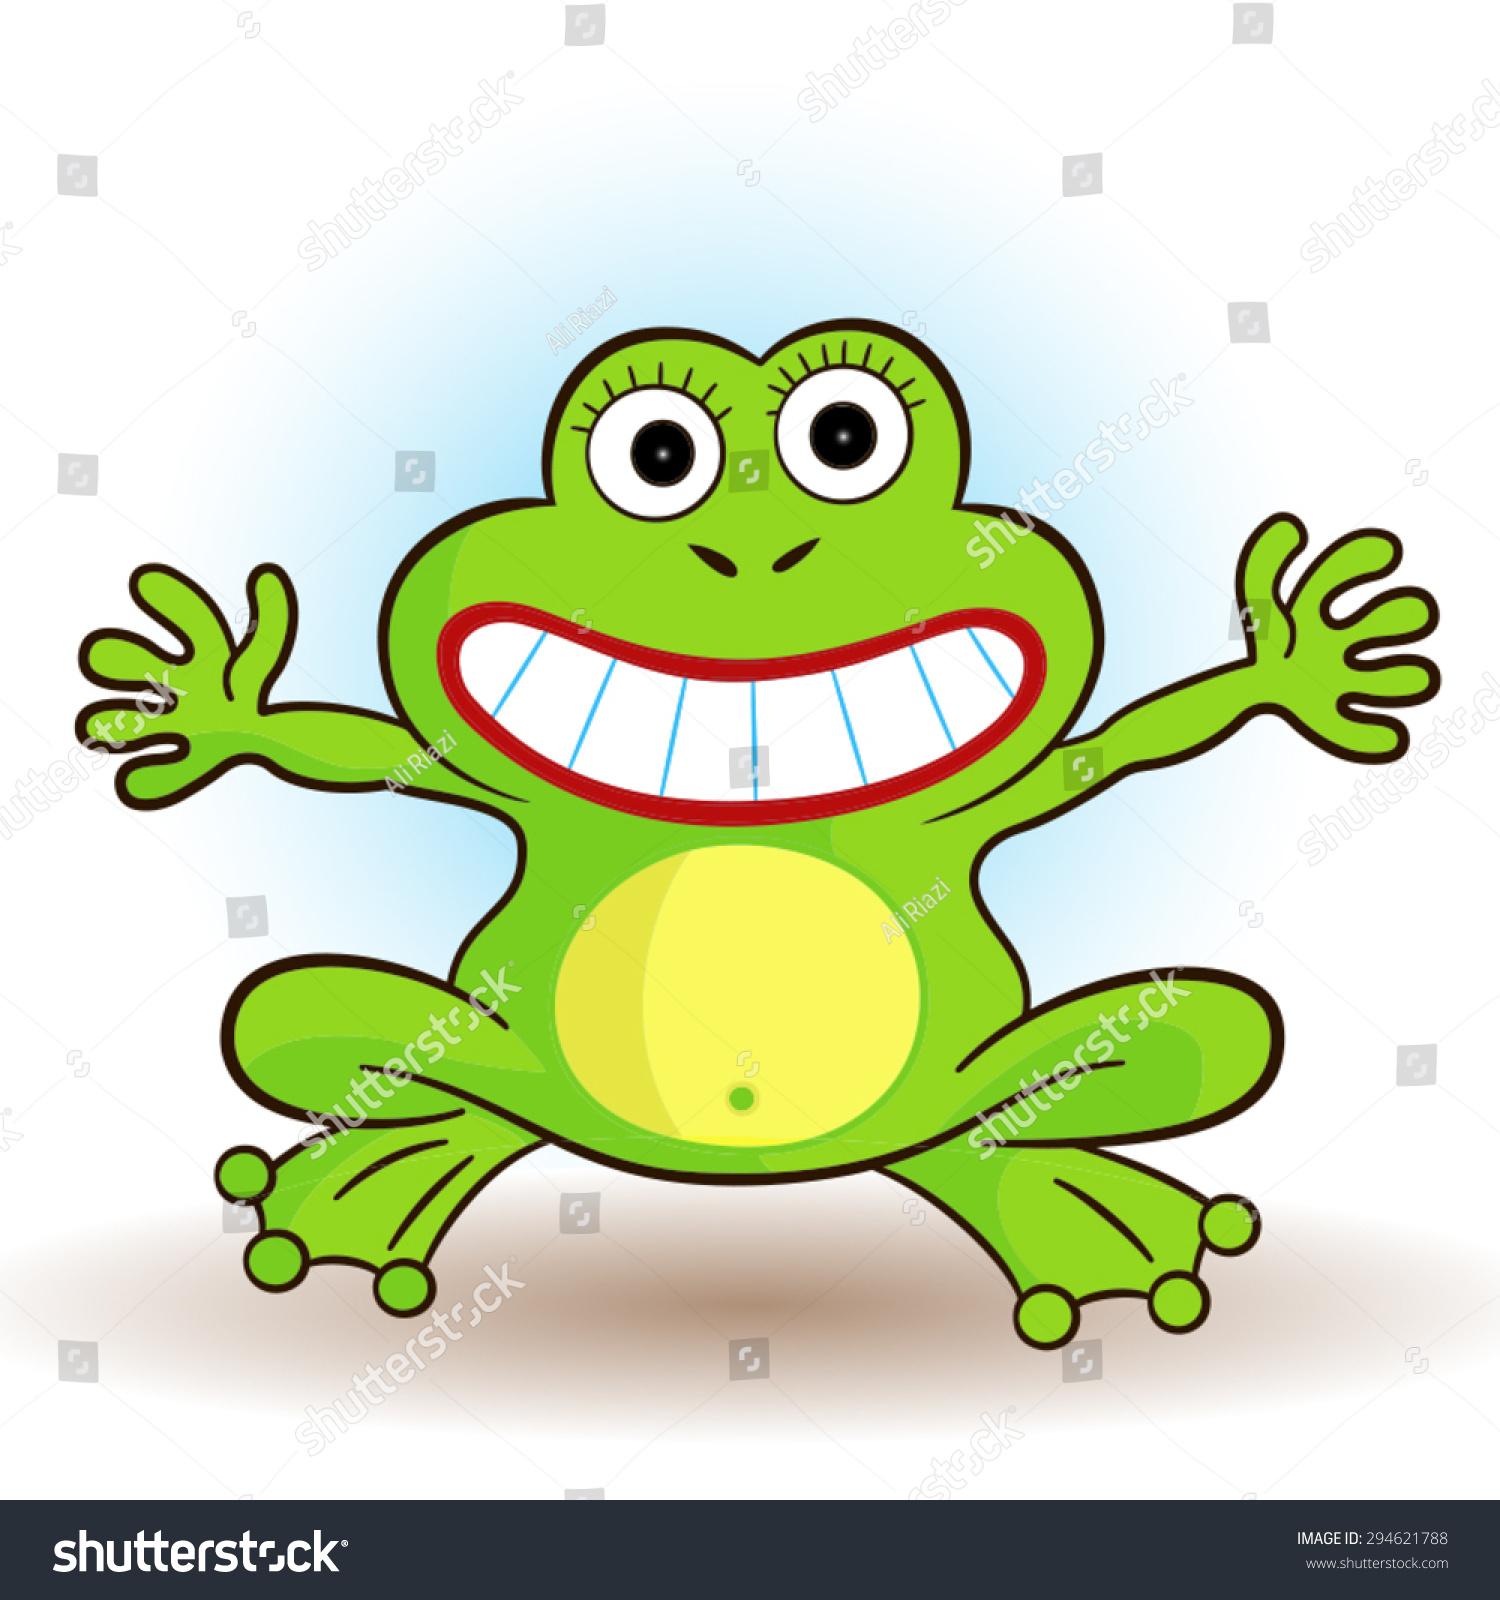 一只可爱的小青蛙的矢量插图.-动物/野生生物